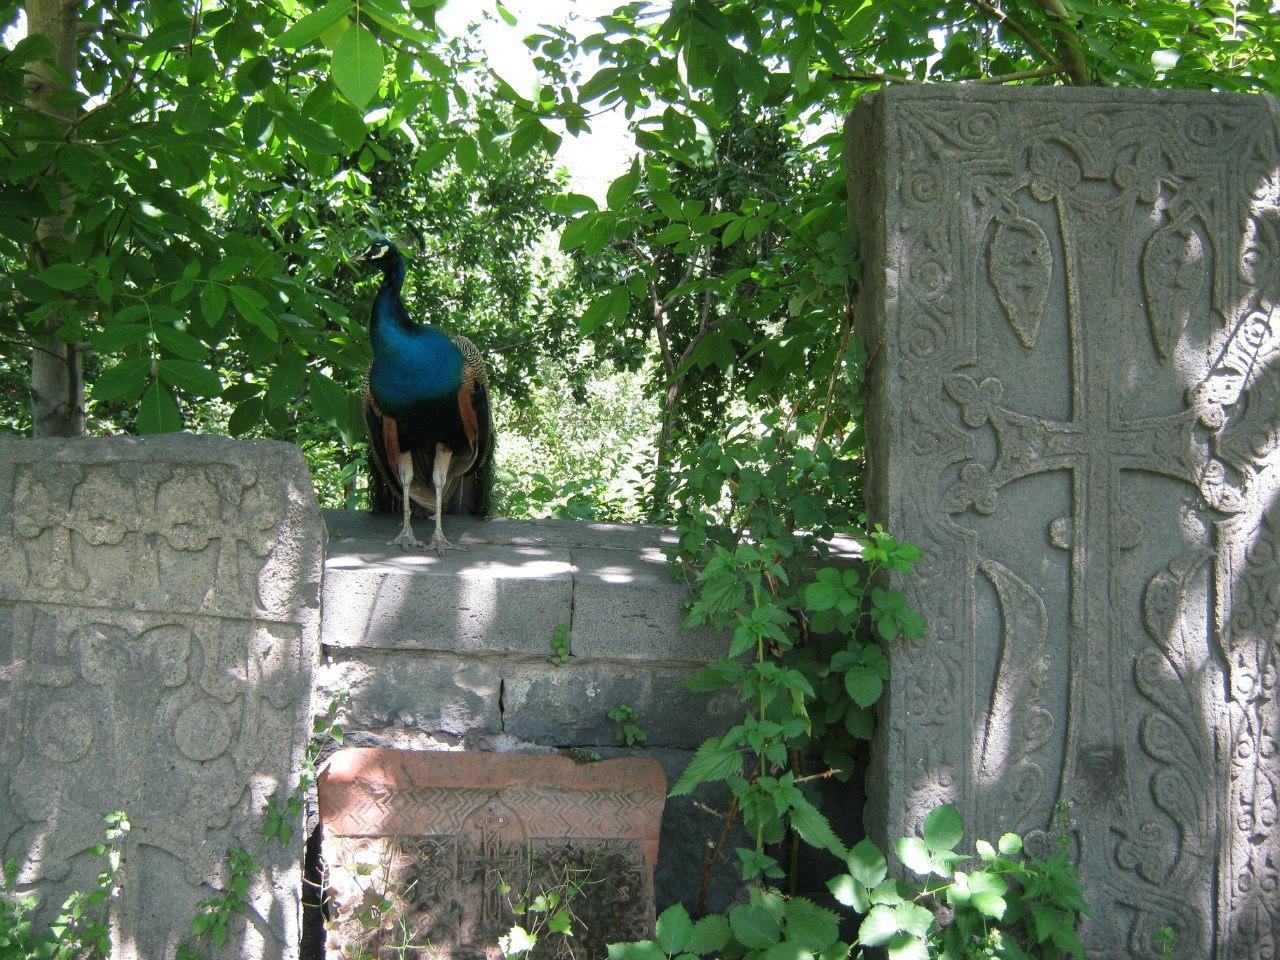 древние хачкары охраняет павлин.